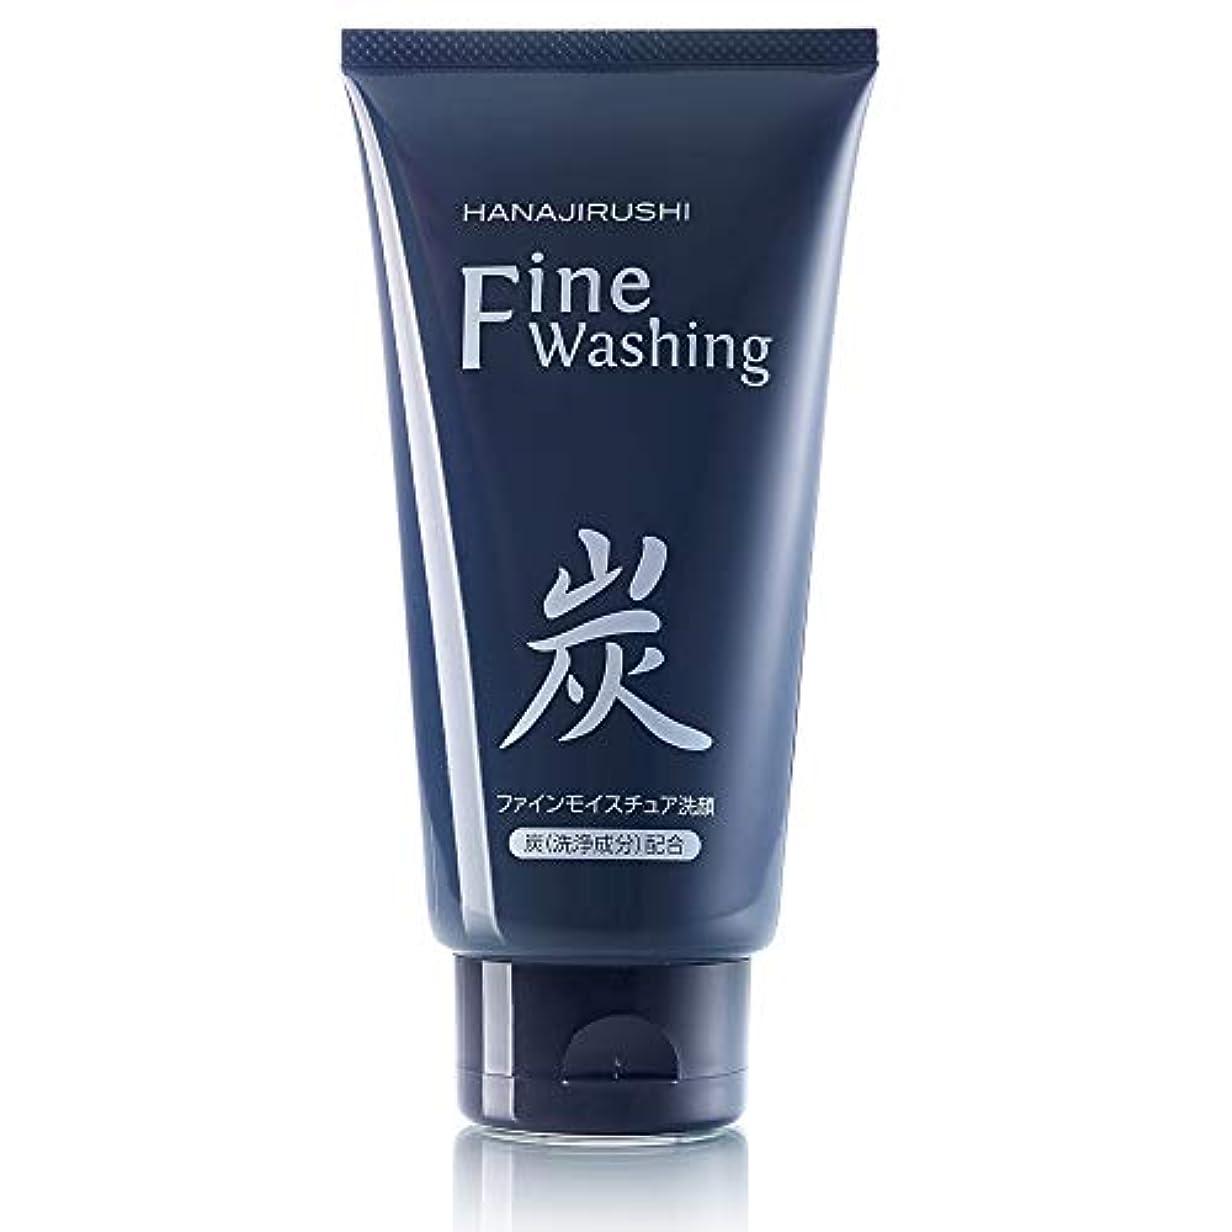 不変強制富豪花印備長炭洗顔フォーム120g「皮脂汚れ対策」オイルコントロール 男女兼用